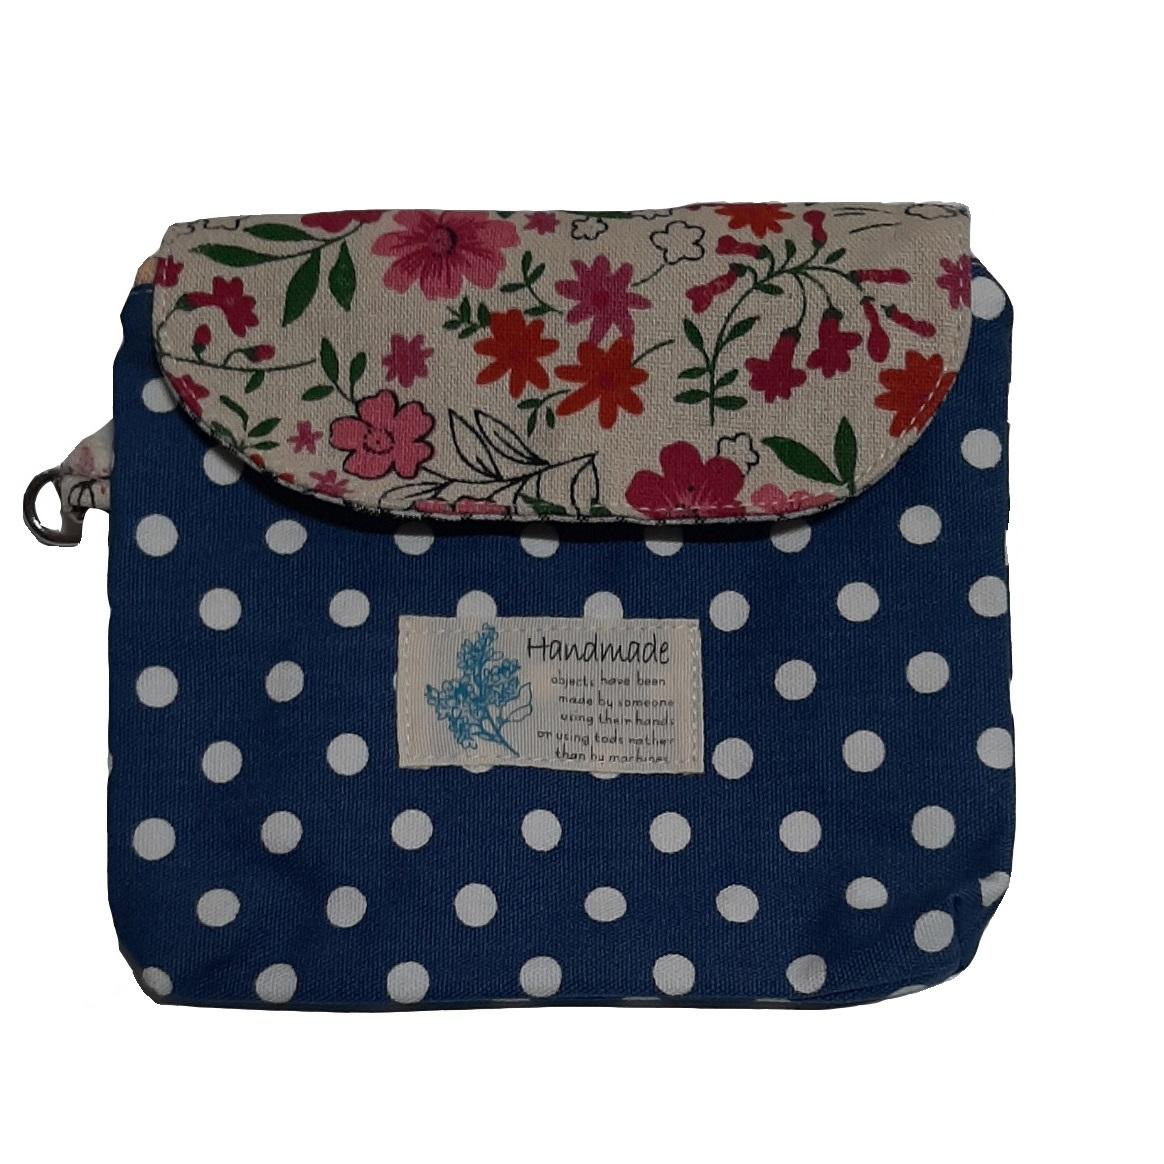 کیف لوازم آرایش زنانه مدل ۱۱۲۲ -  - 2